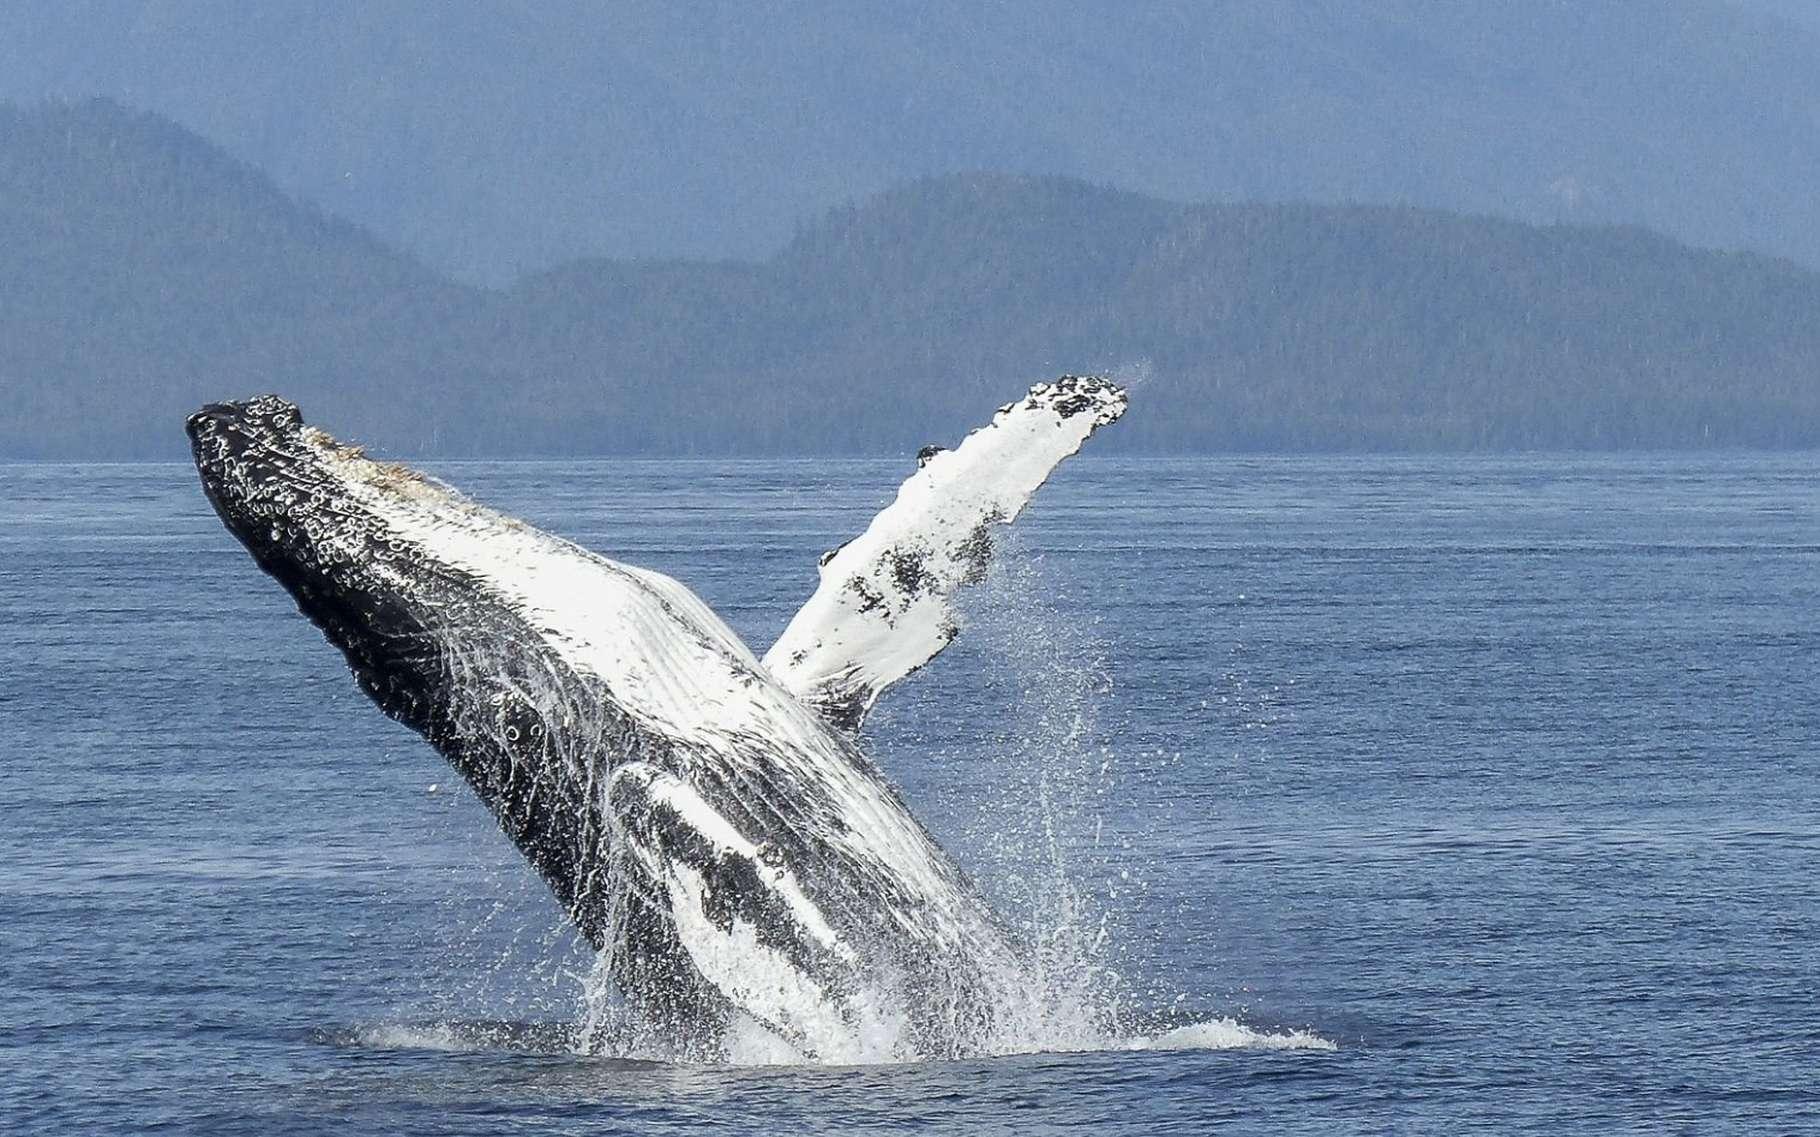 Une baleine à bosse sautant hors de l'eau. Le comportement social de ces grands mammifères est complexe. Le petit reste auprès de sa mère durant une année. Elle aura à le défendre, notamment contre les orques, et pourra alors être aidée par d'autres congénères. © werner22brigitte, Pixabay, DP